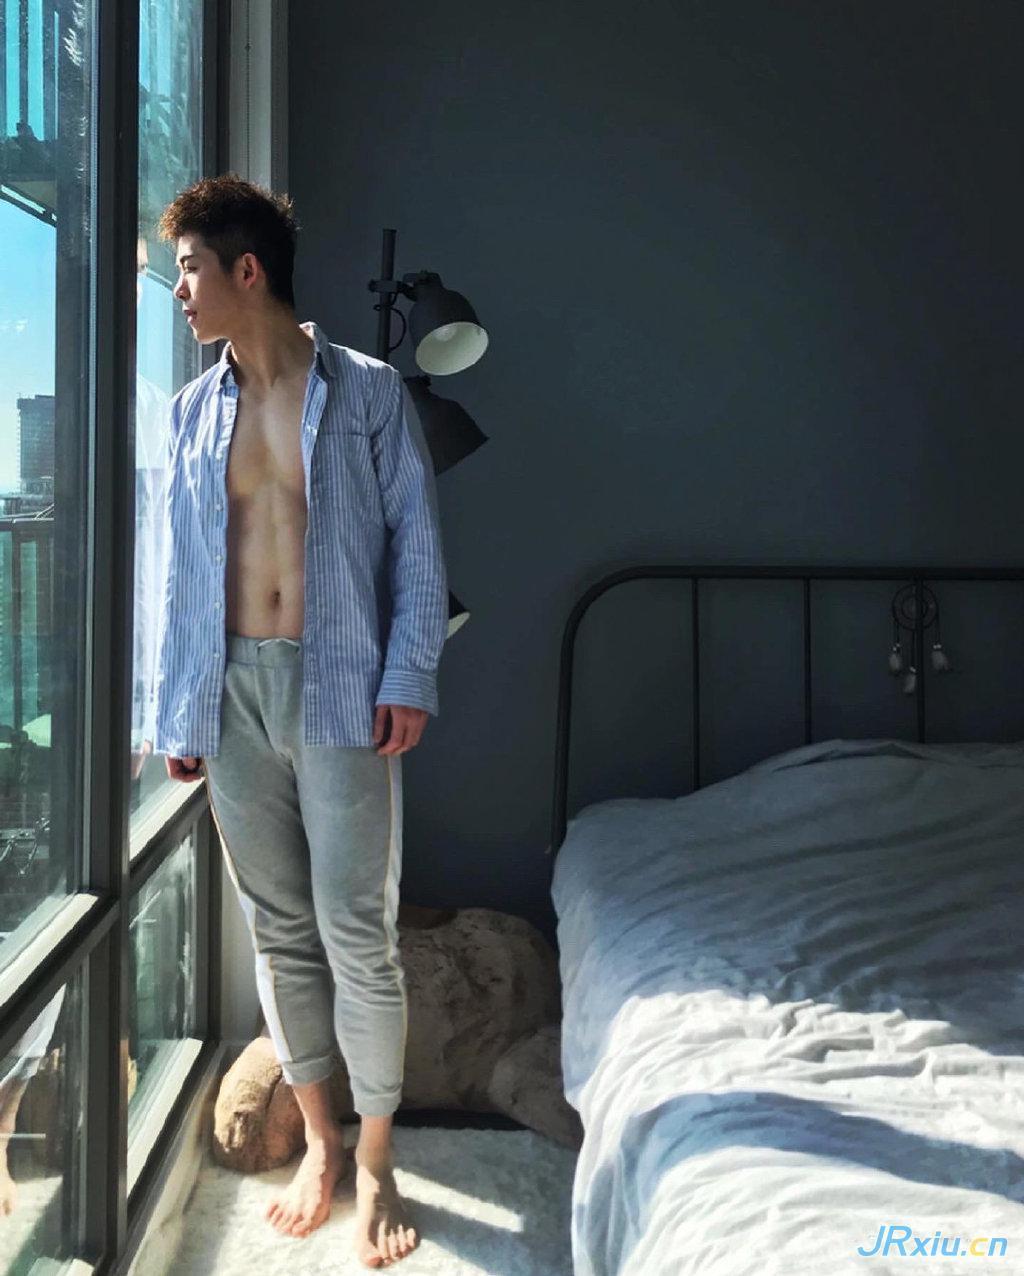 中国国产健身肌肉帅哥苏格拉伯 衬衫肌肉男